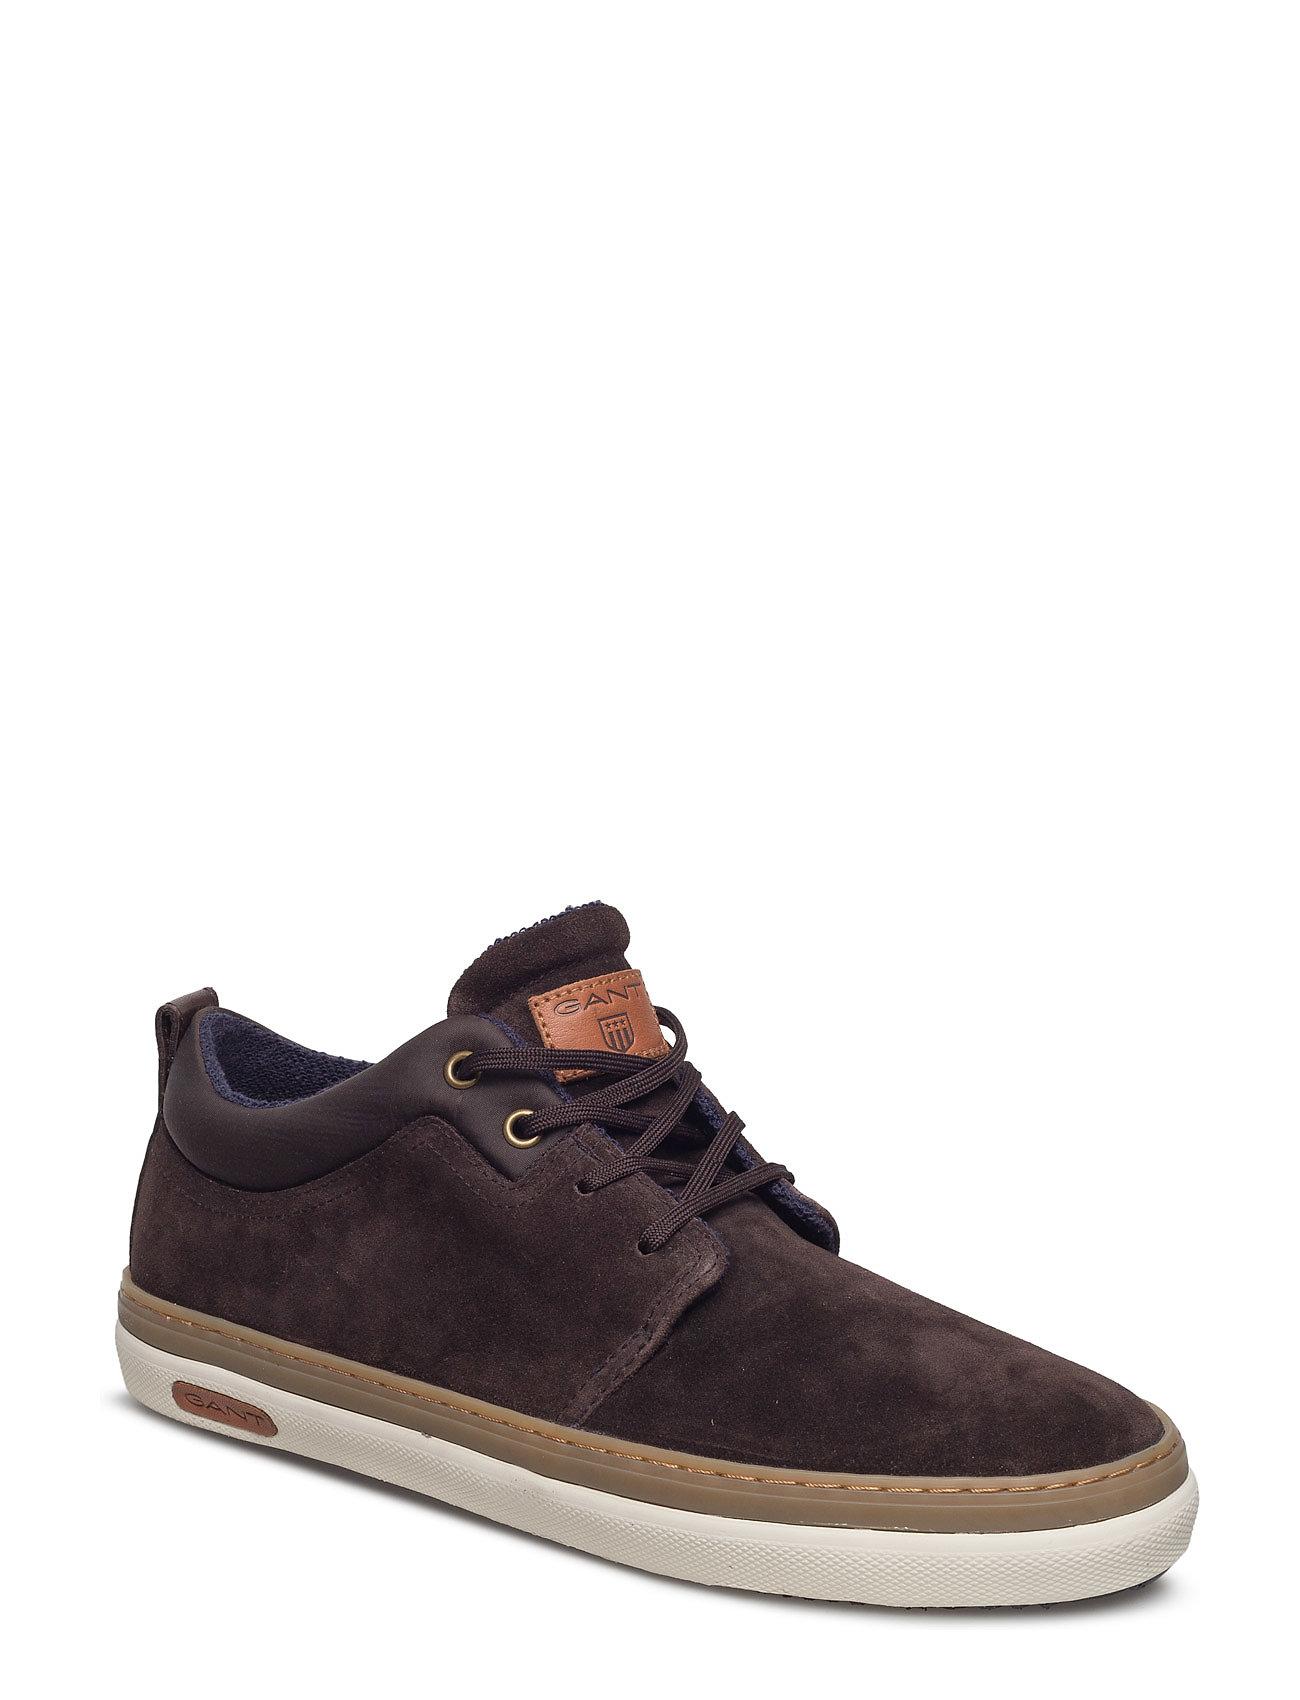 - Marvel Low Lace Shoes GANT Shoes